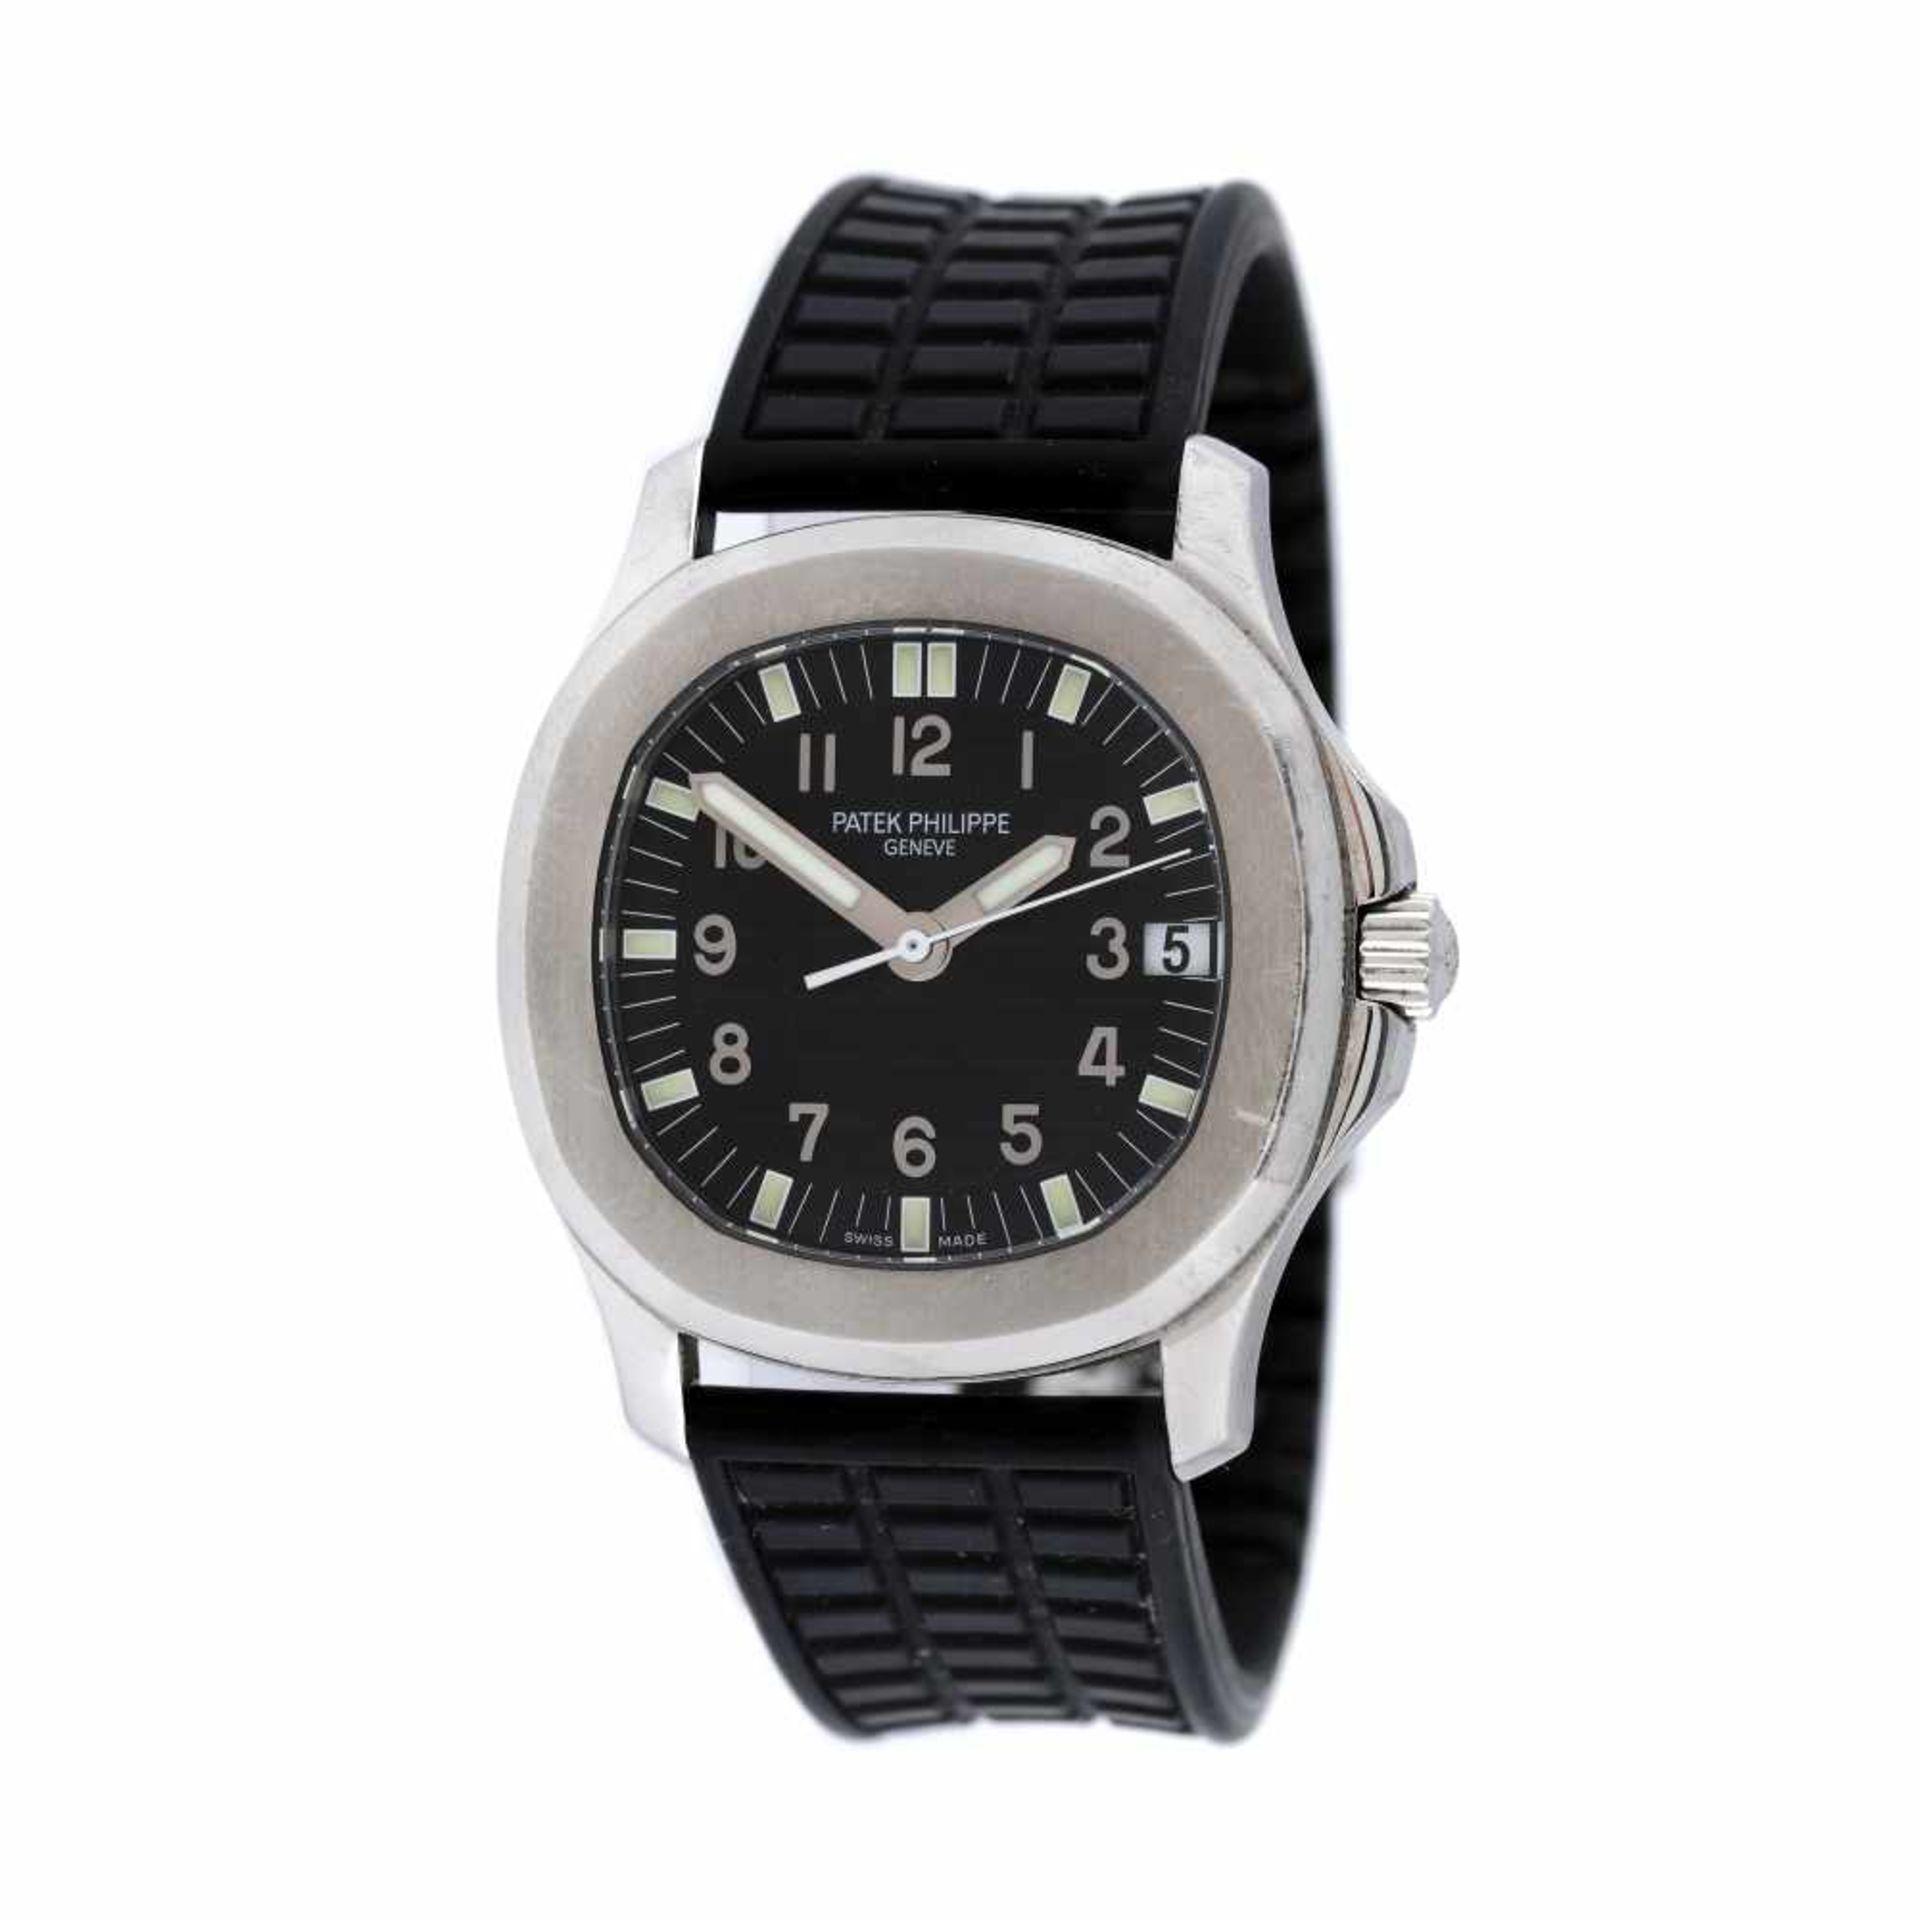 Patek Philippe Aquanaut wristwatch, men, provenance documents